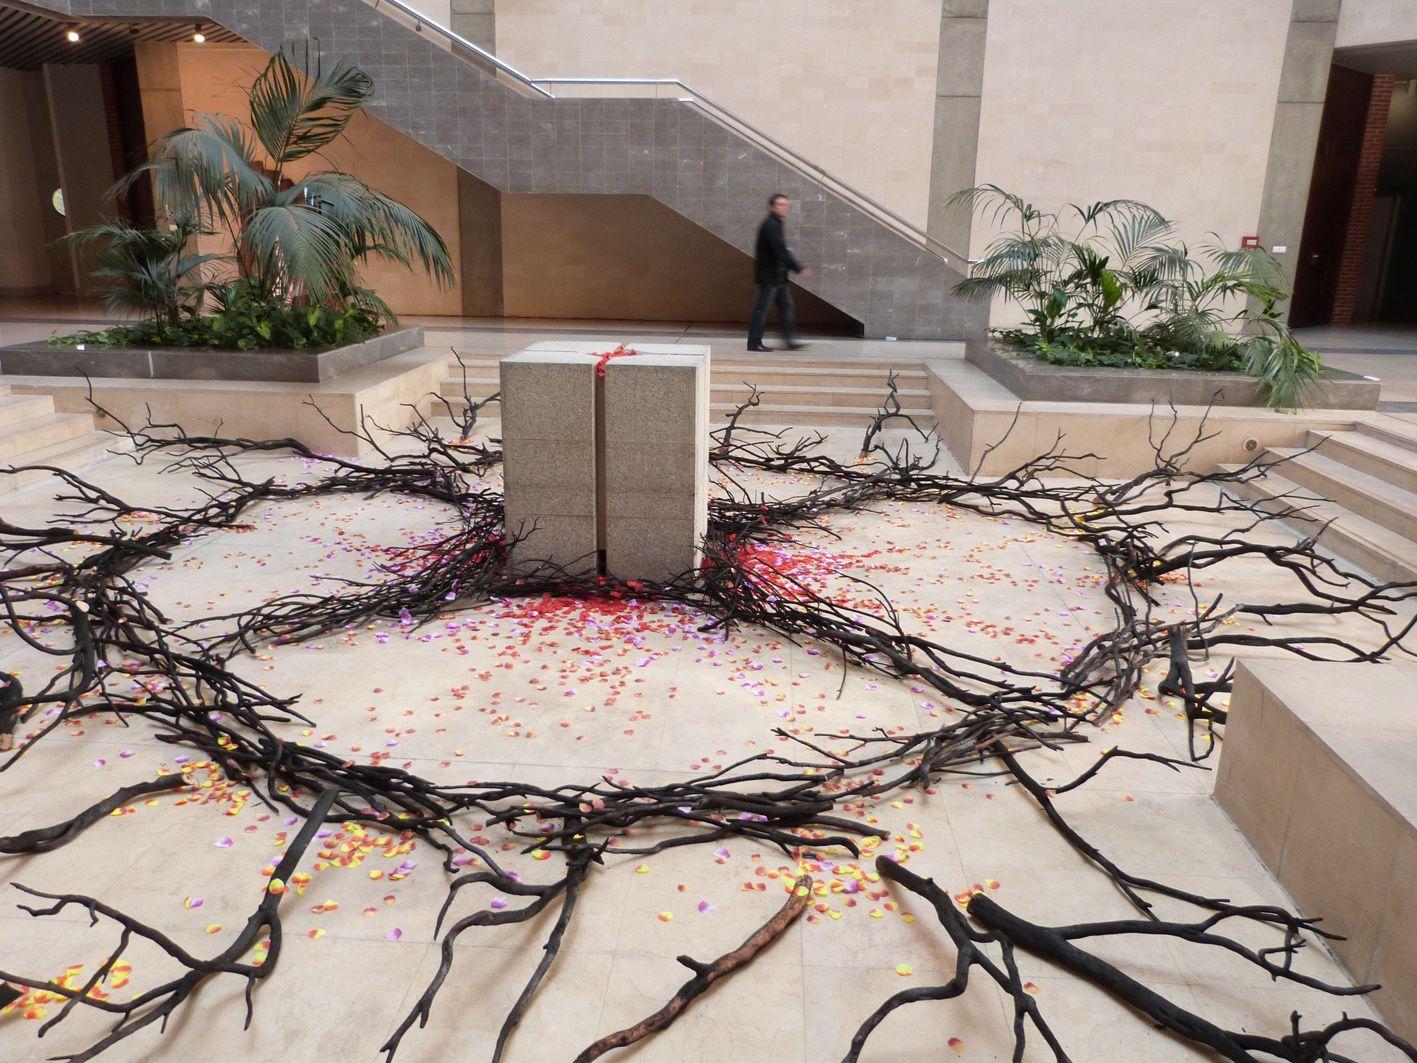 Installation in situ, branches de bois brûlé (forêt de la Jonquera, Espagne), pétales de fleur artificiels, hôtel de région Midi-Pyrénées, Toulouse